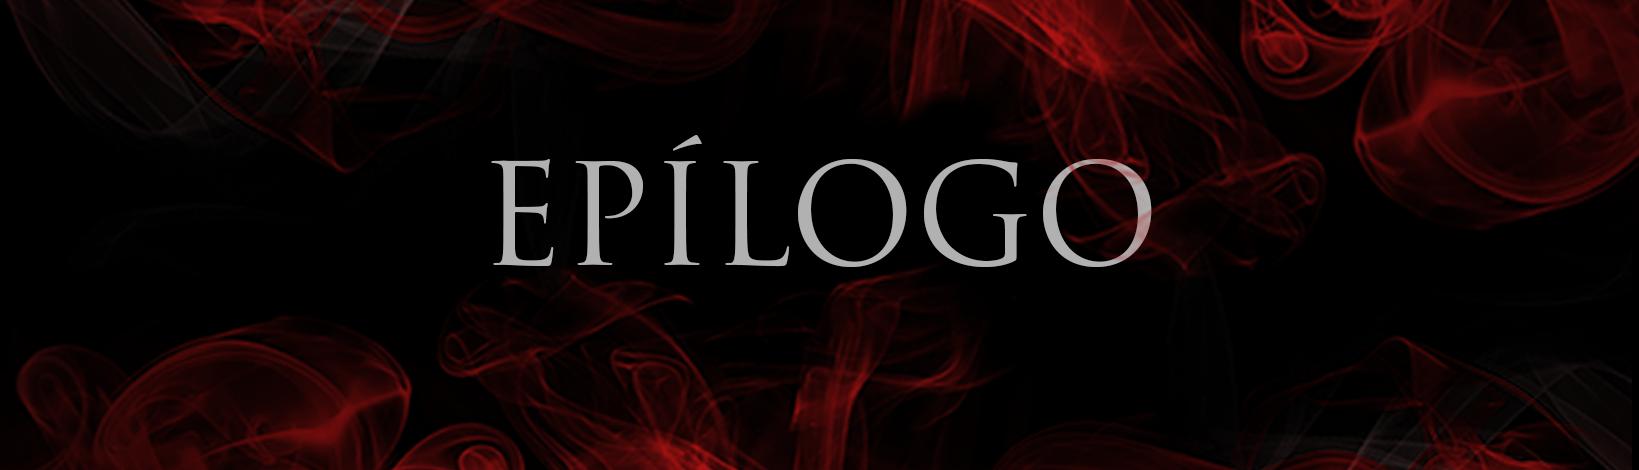 ♬ CANCIÓN PARA EL EPÍLOGO: WELCOME TO MY NIGHTMARE (DE ALICE COOPER) ♬